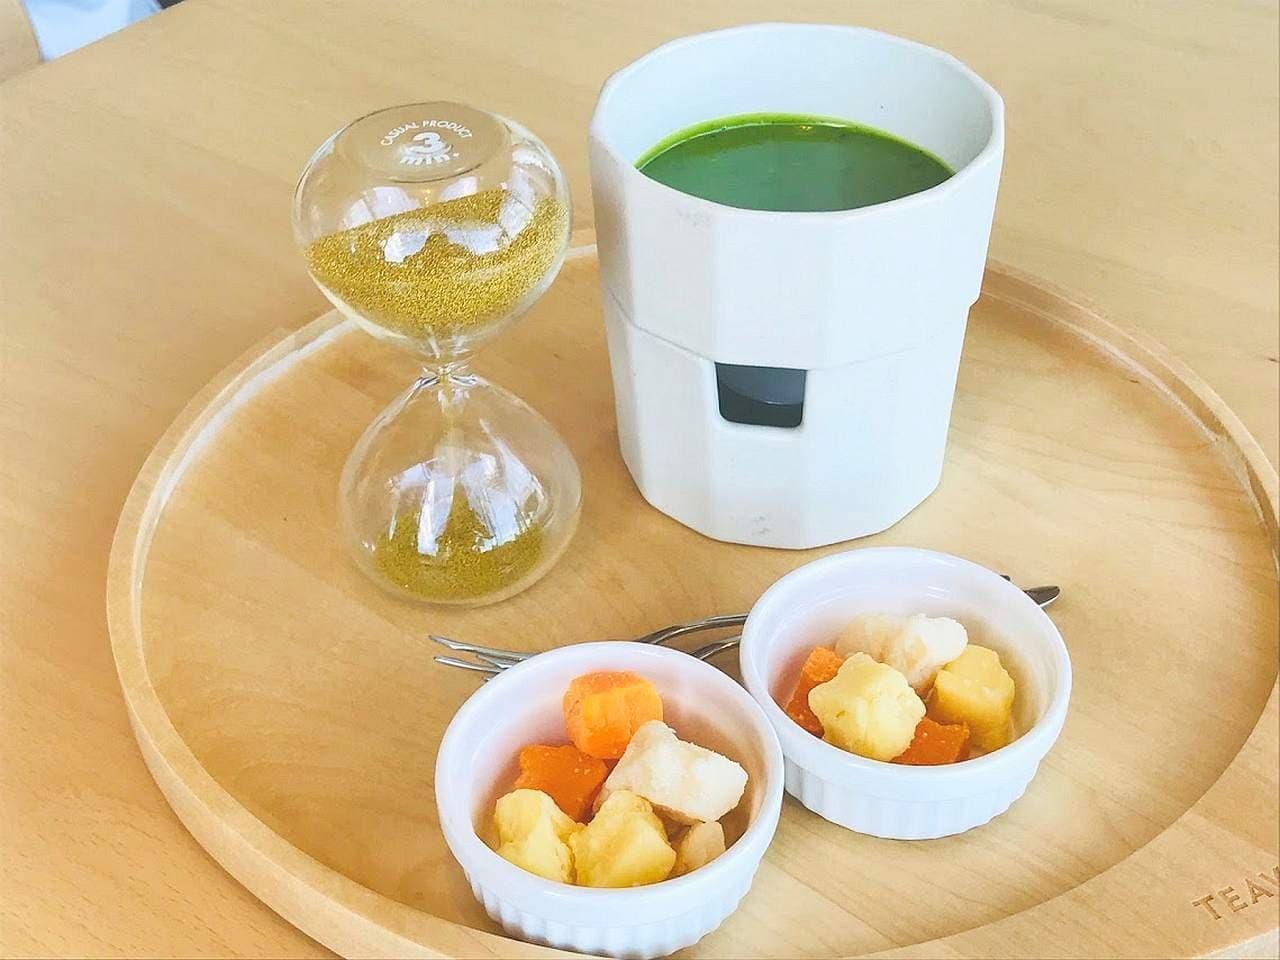 スターバックス リザーブ ロースタリー 東京「抹茶 ティー フォンデュ with 3種のチーズ」